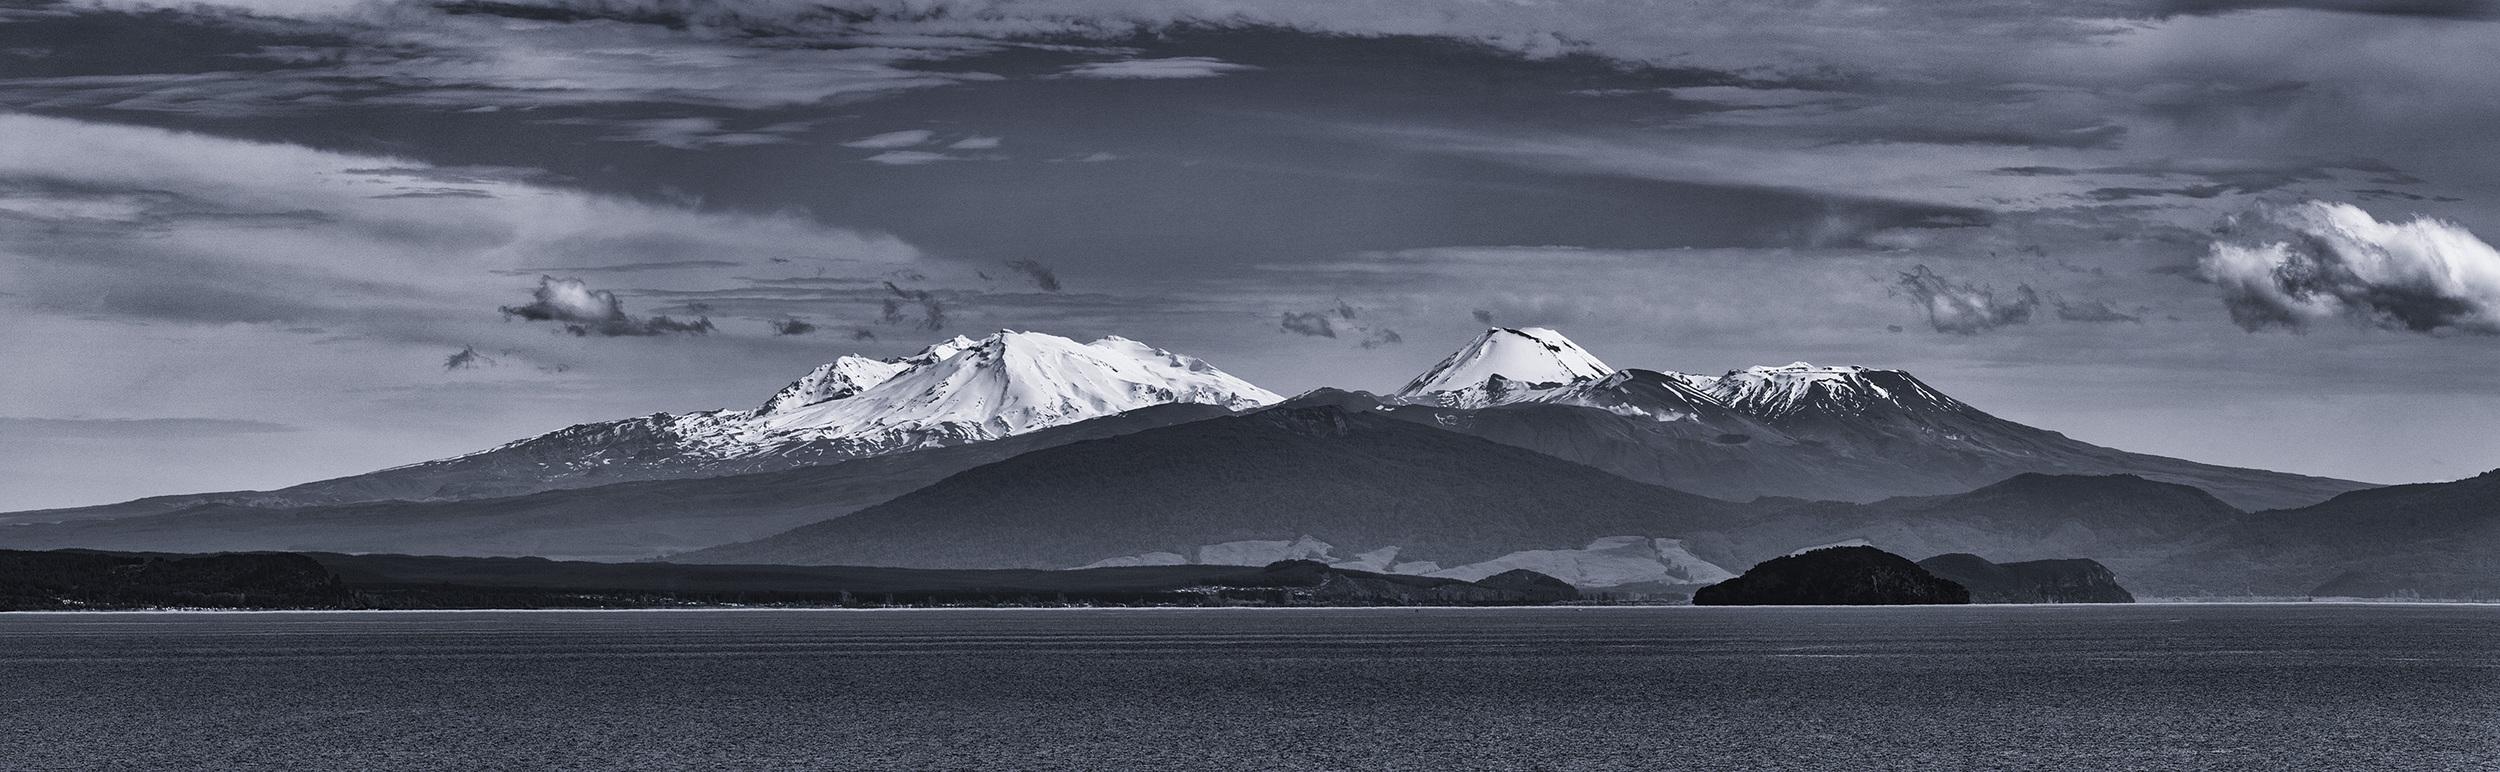 National Park Panorama